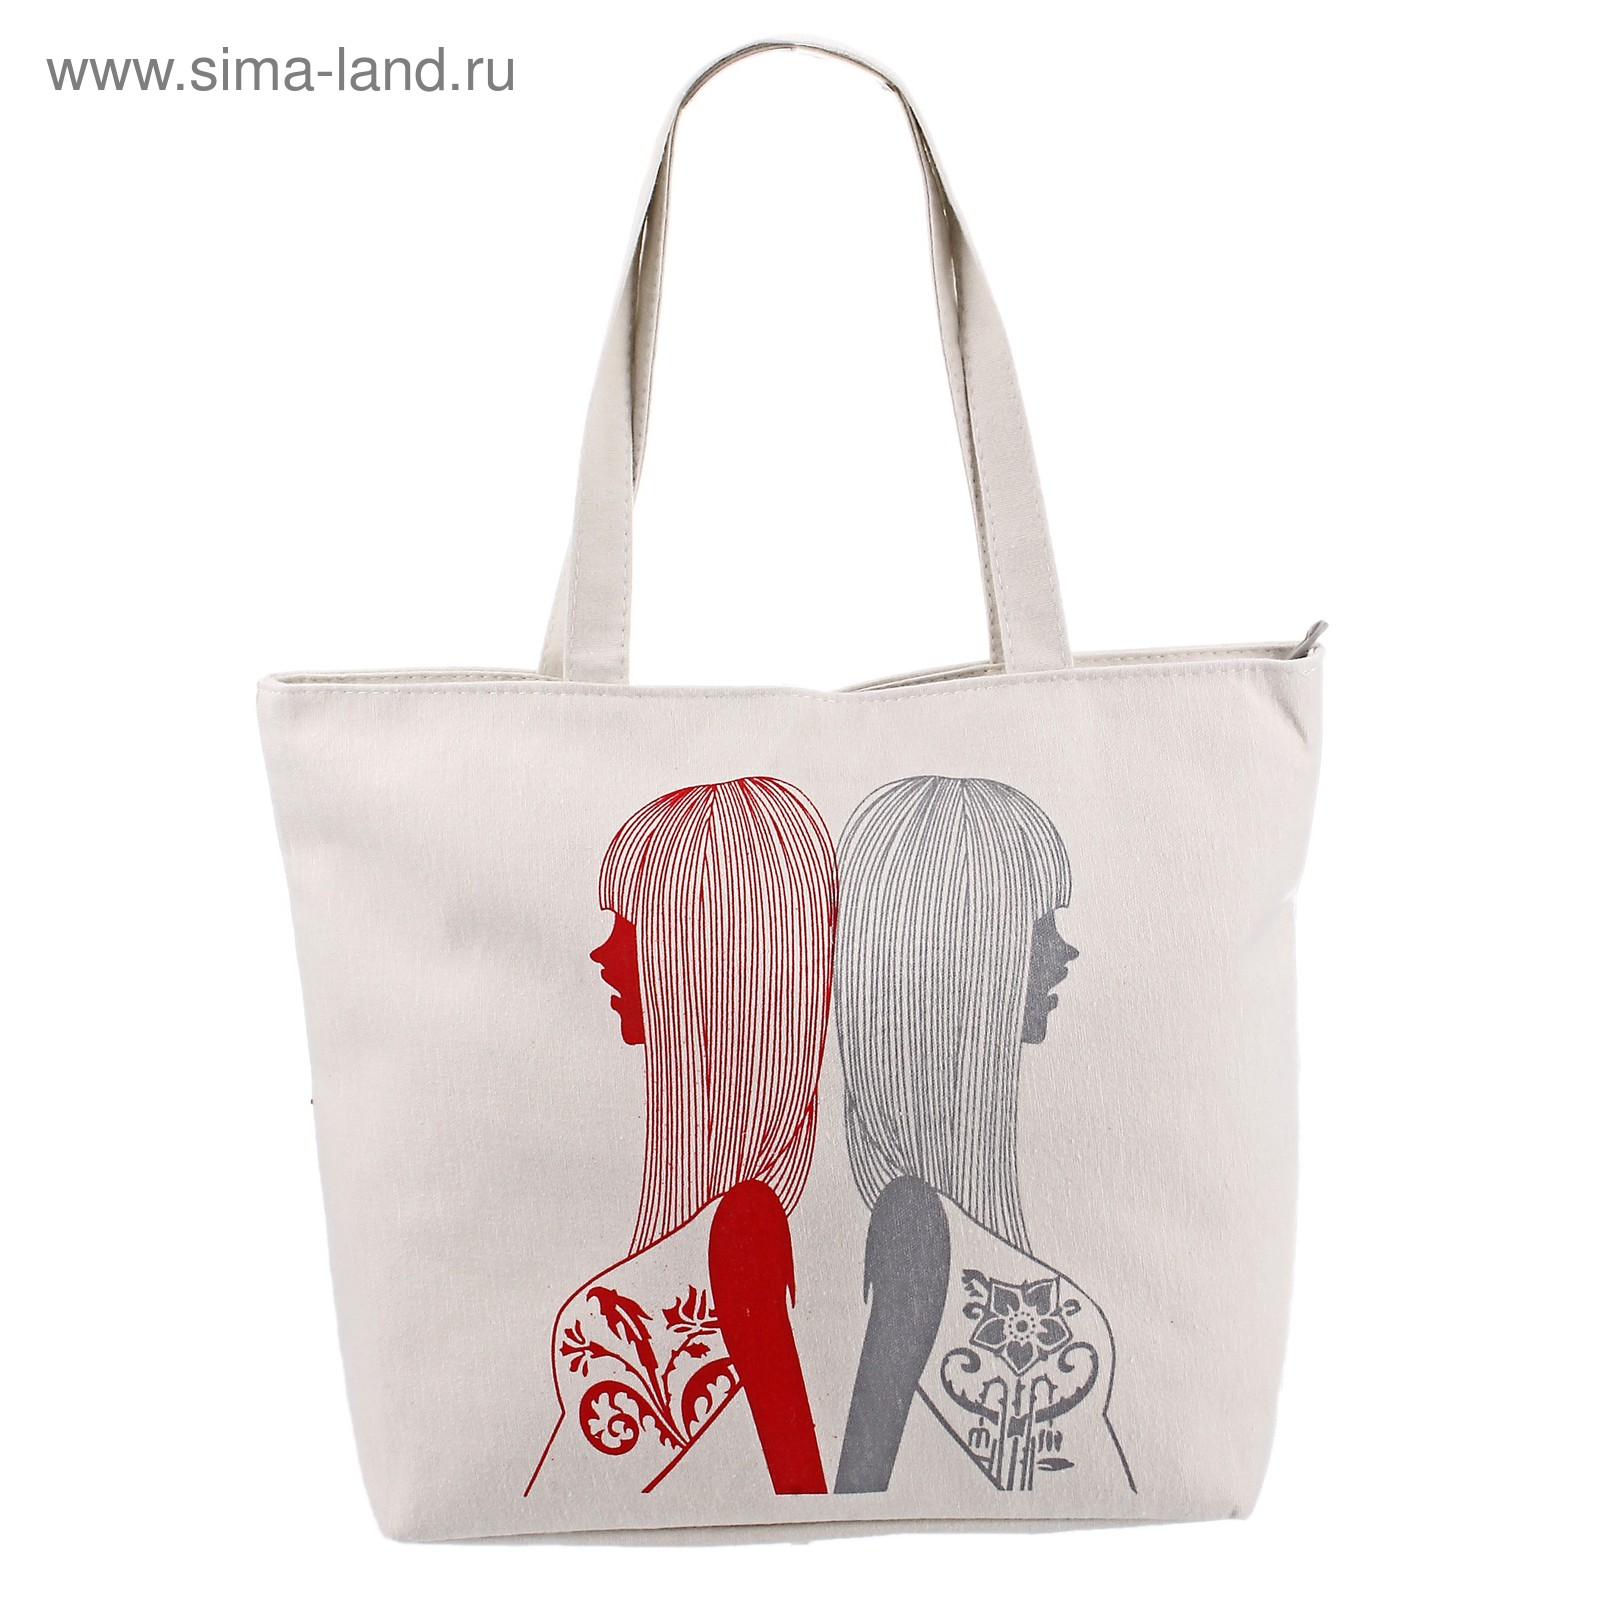 8233c7ecdf40 Женская летняя сумка